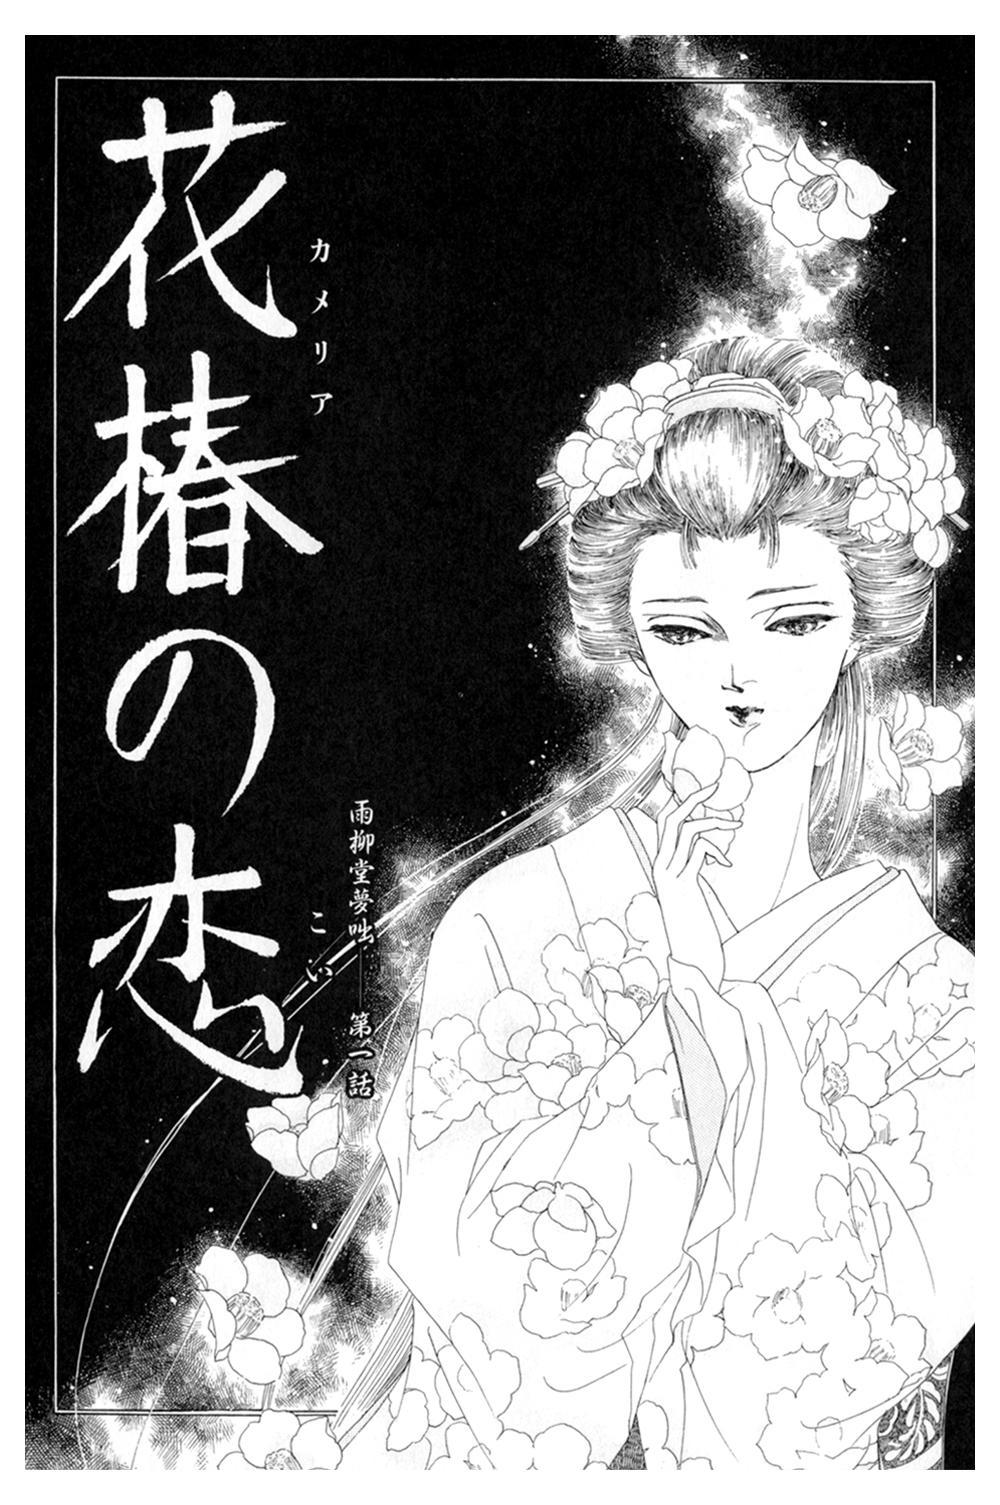 雨柳堂夢咄 第1話「花椿の恋」①uryu01.jpg